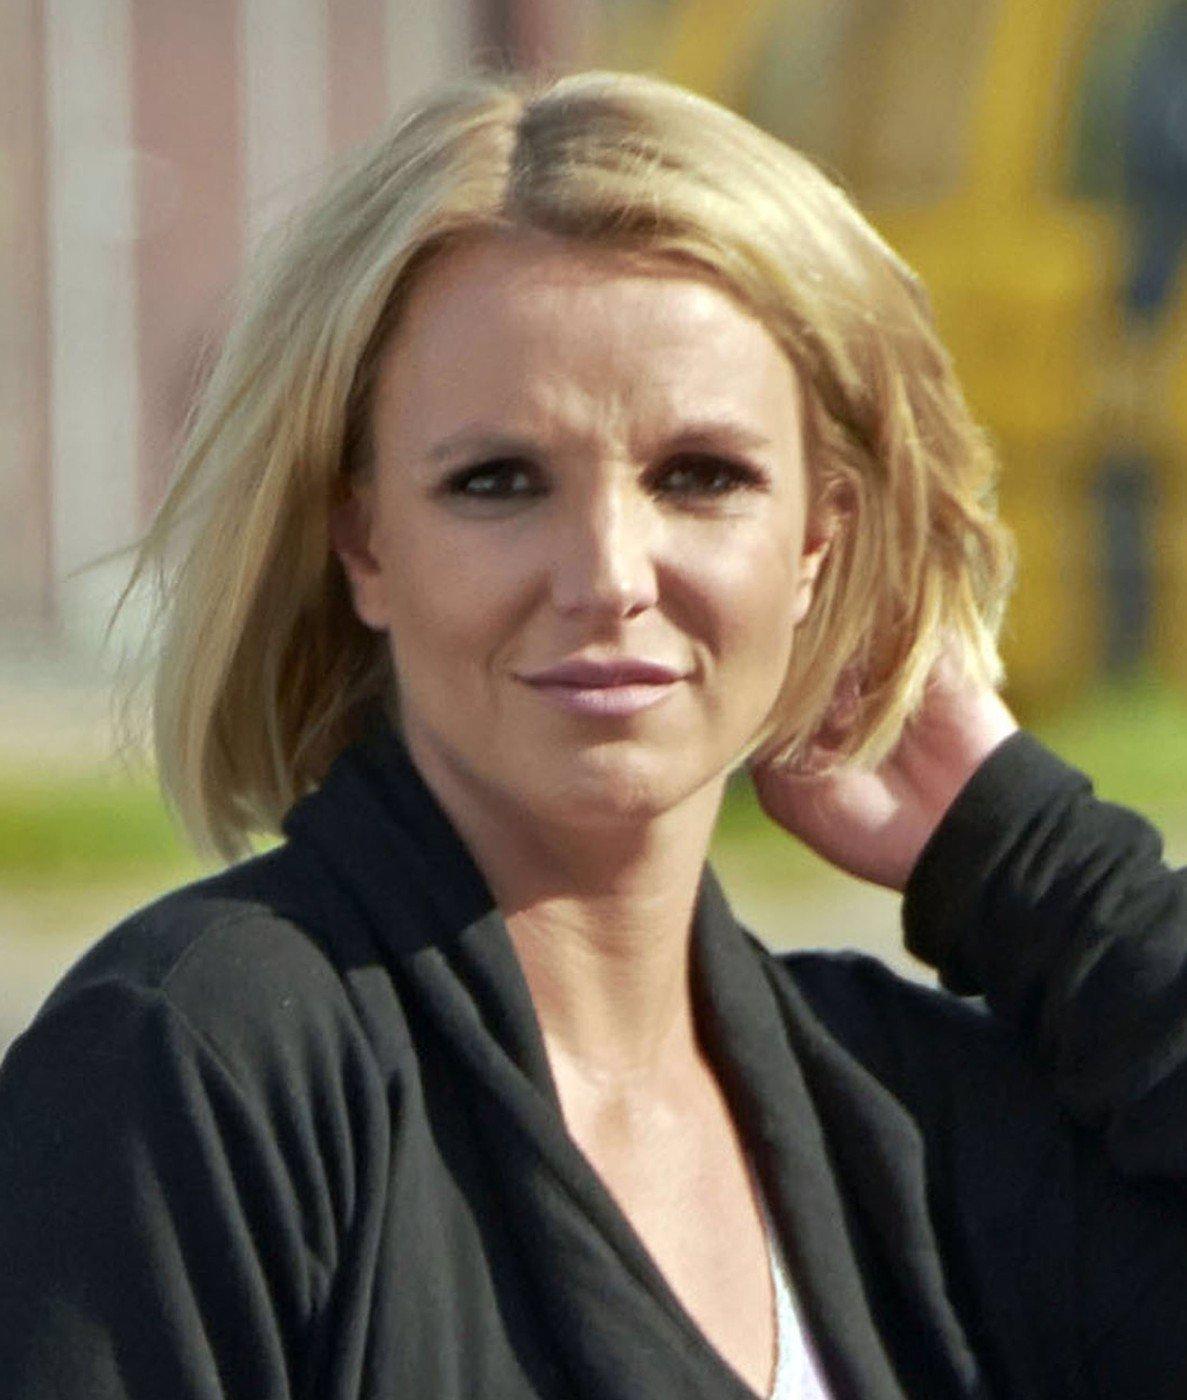 Britney Spears zhubla, ale co jí to s obličejem udělal Photoshop? Nebo to jsou plastiky?